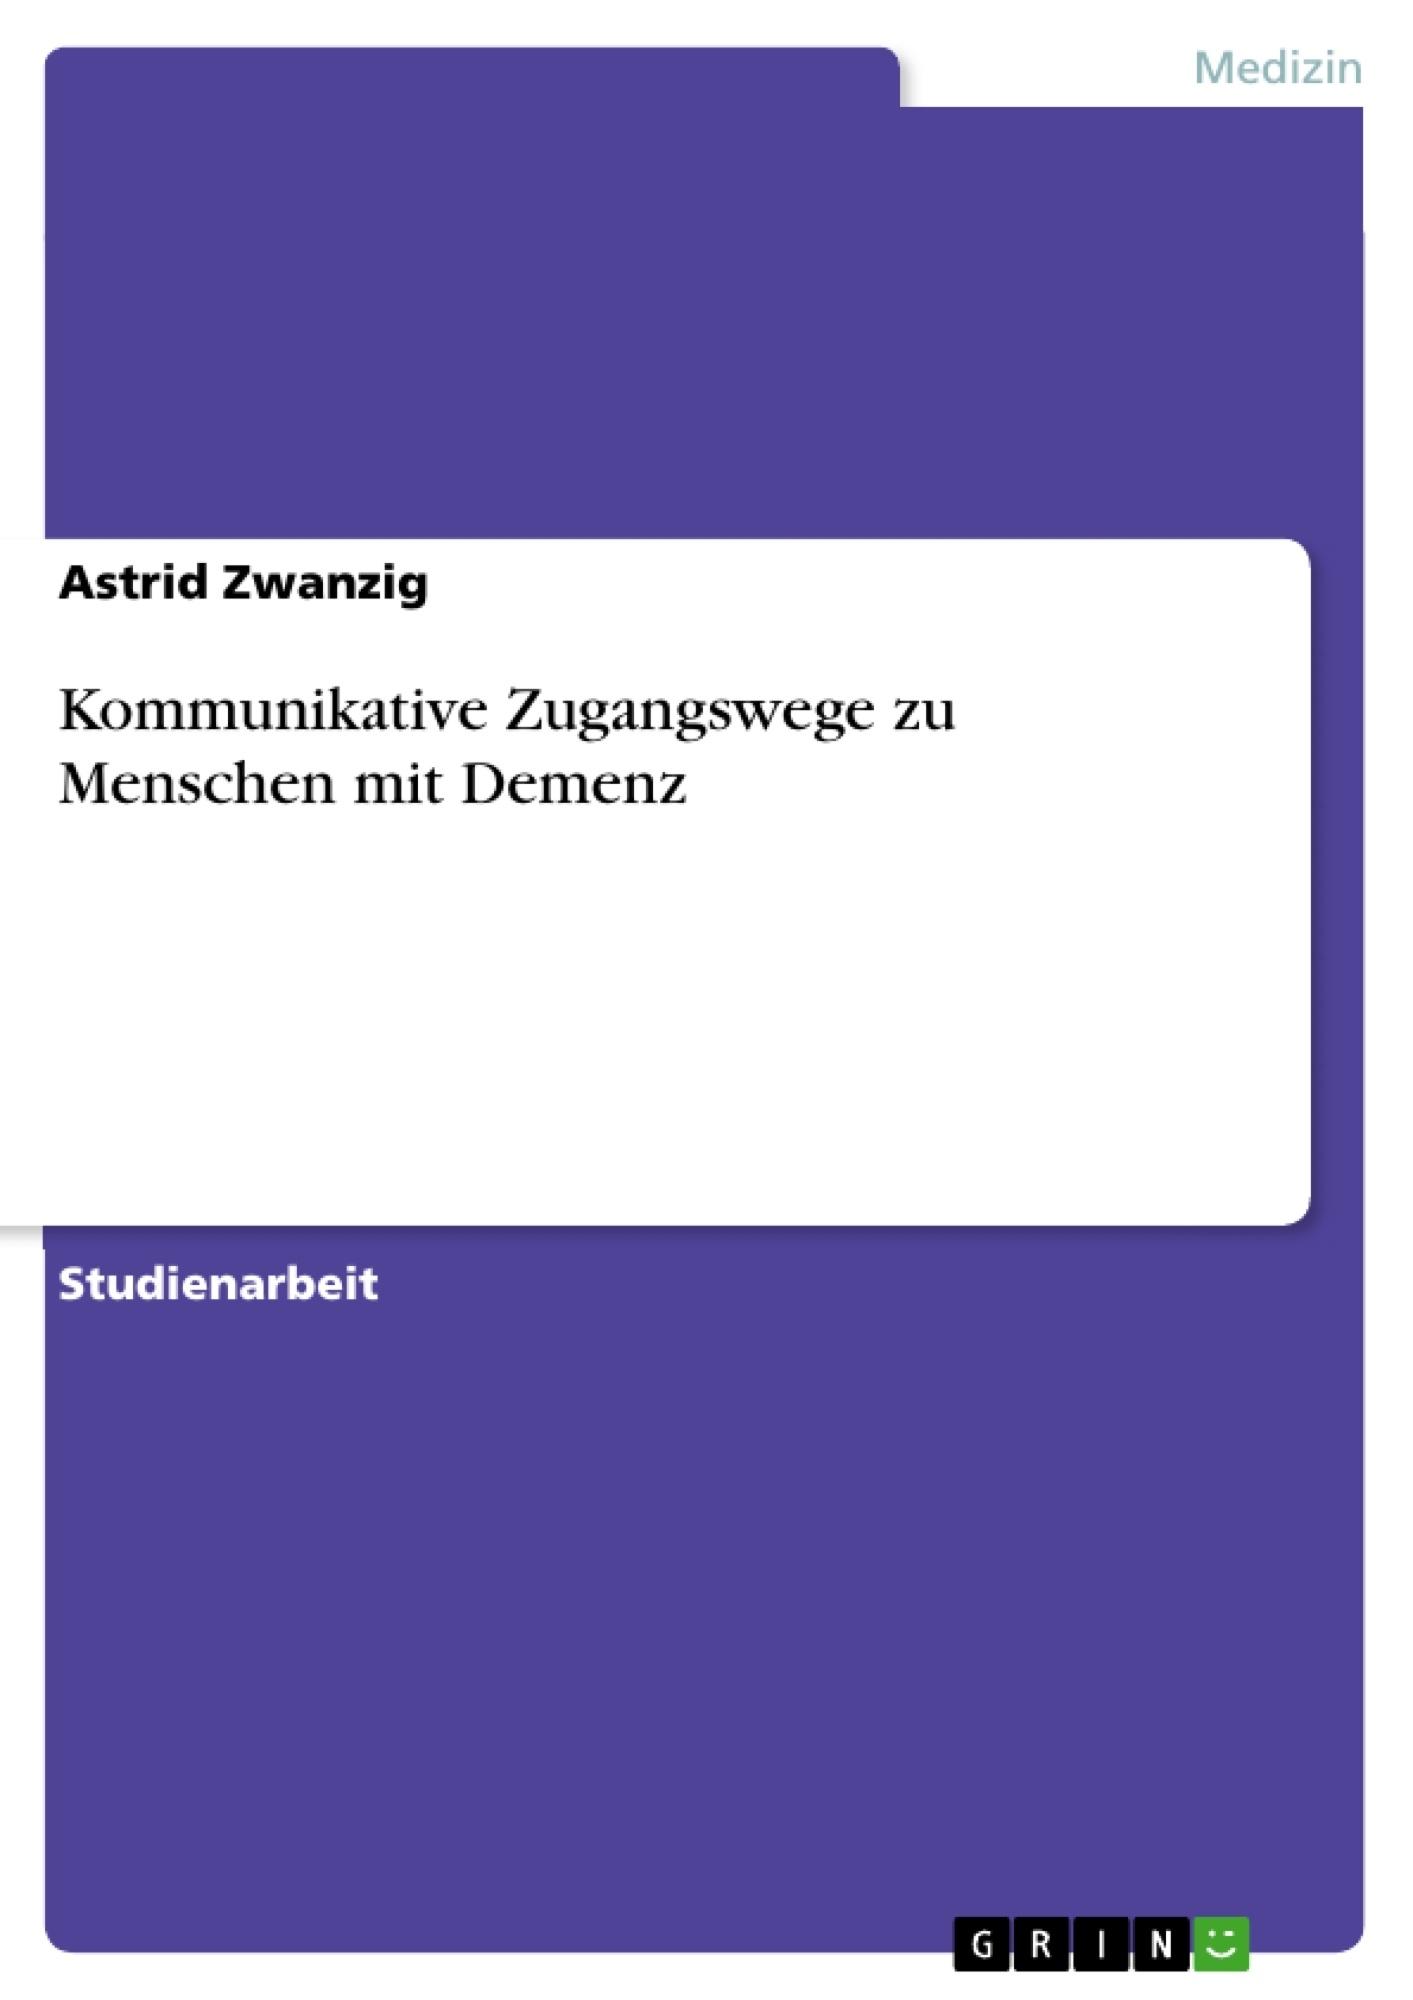 Titel: Kommunikative Zugangswege zu Menschen mit Demenz